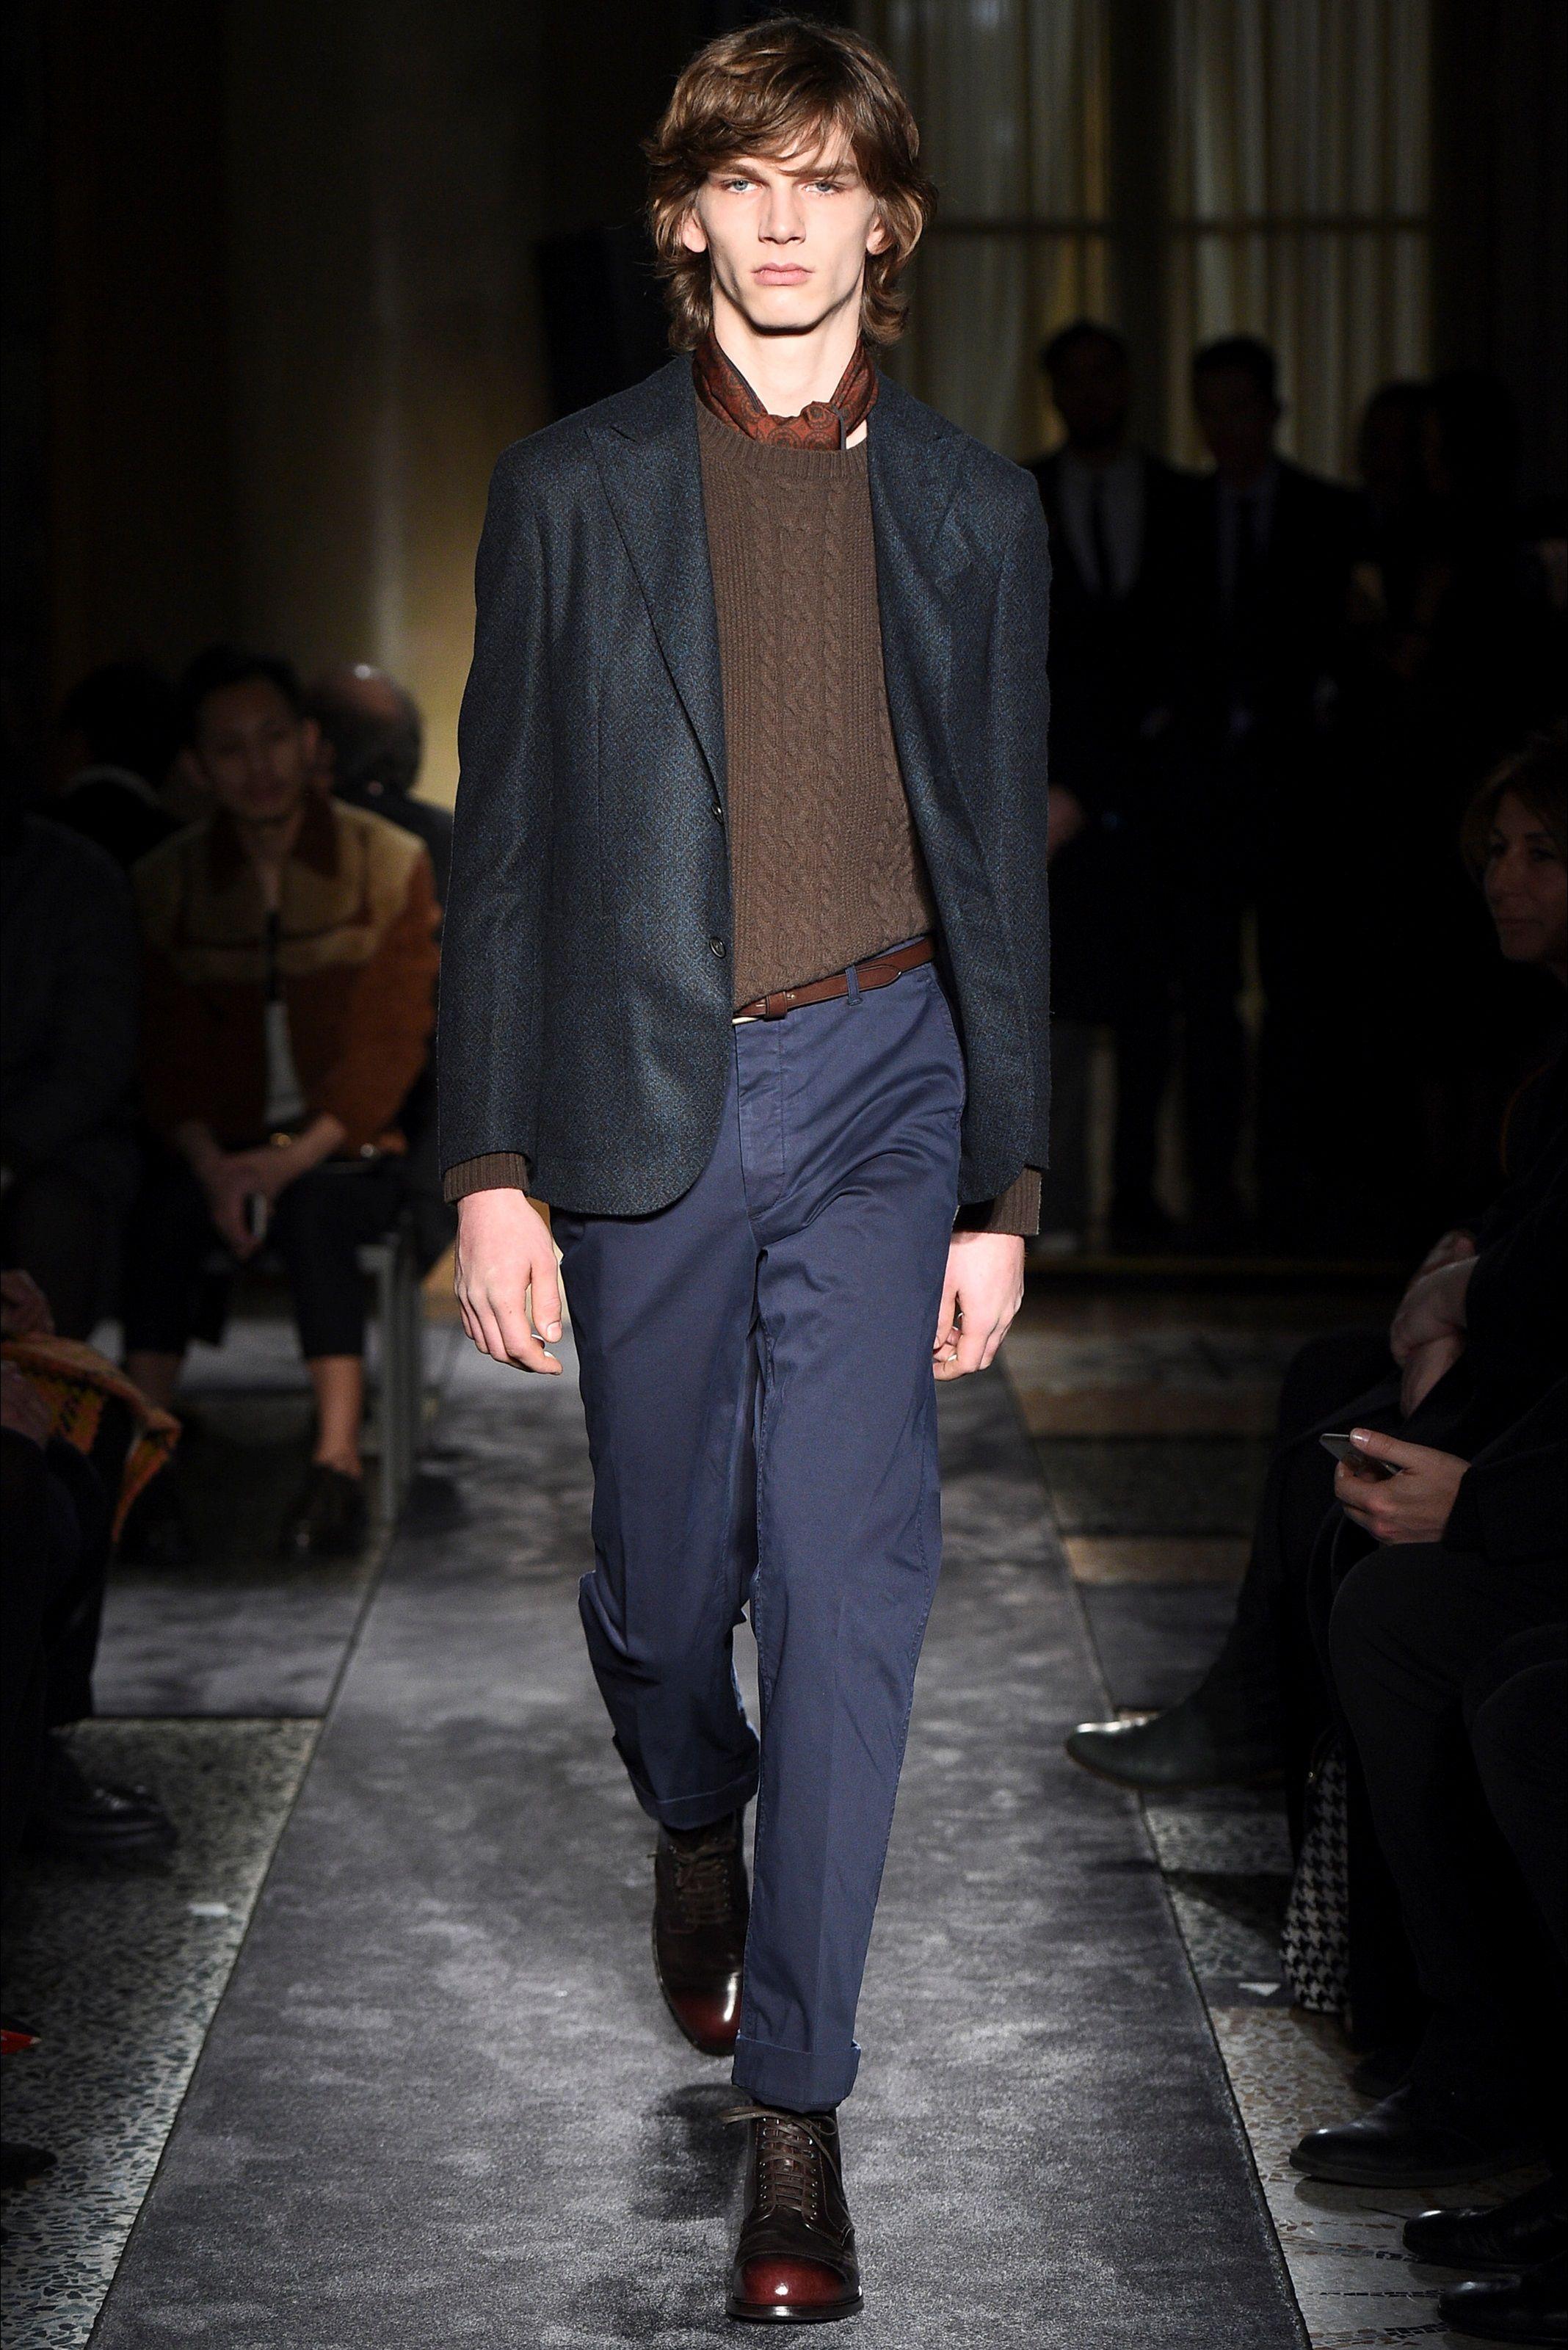 Sfilata Moda Uomo Boglioli Milano - Autunno Inverno 2016-17 - Vogue ... 9583d461fbd